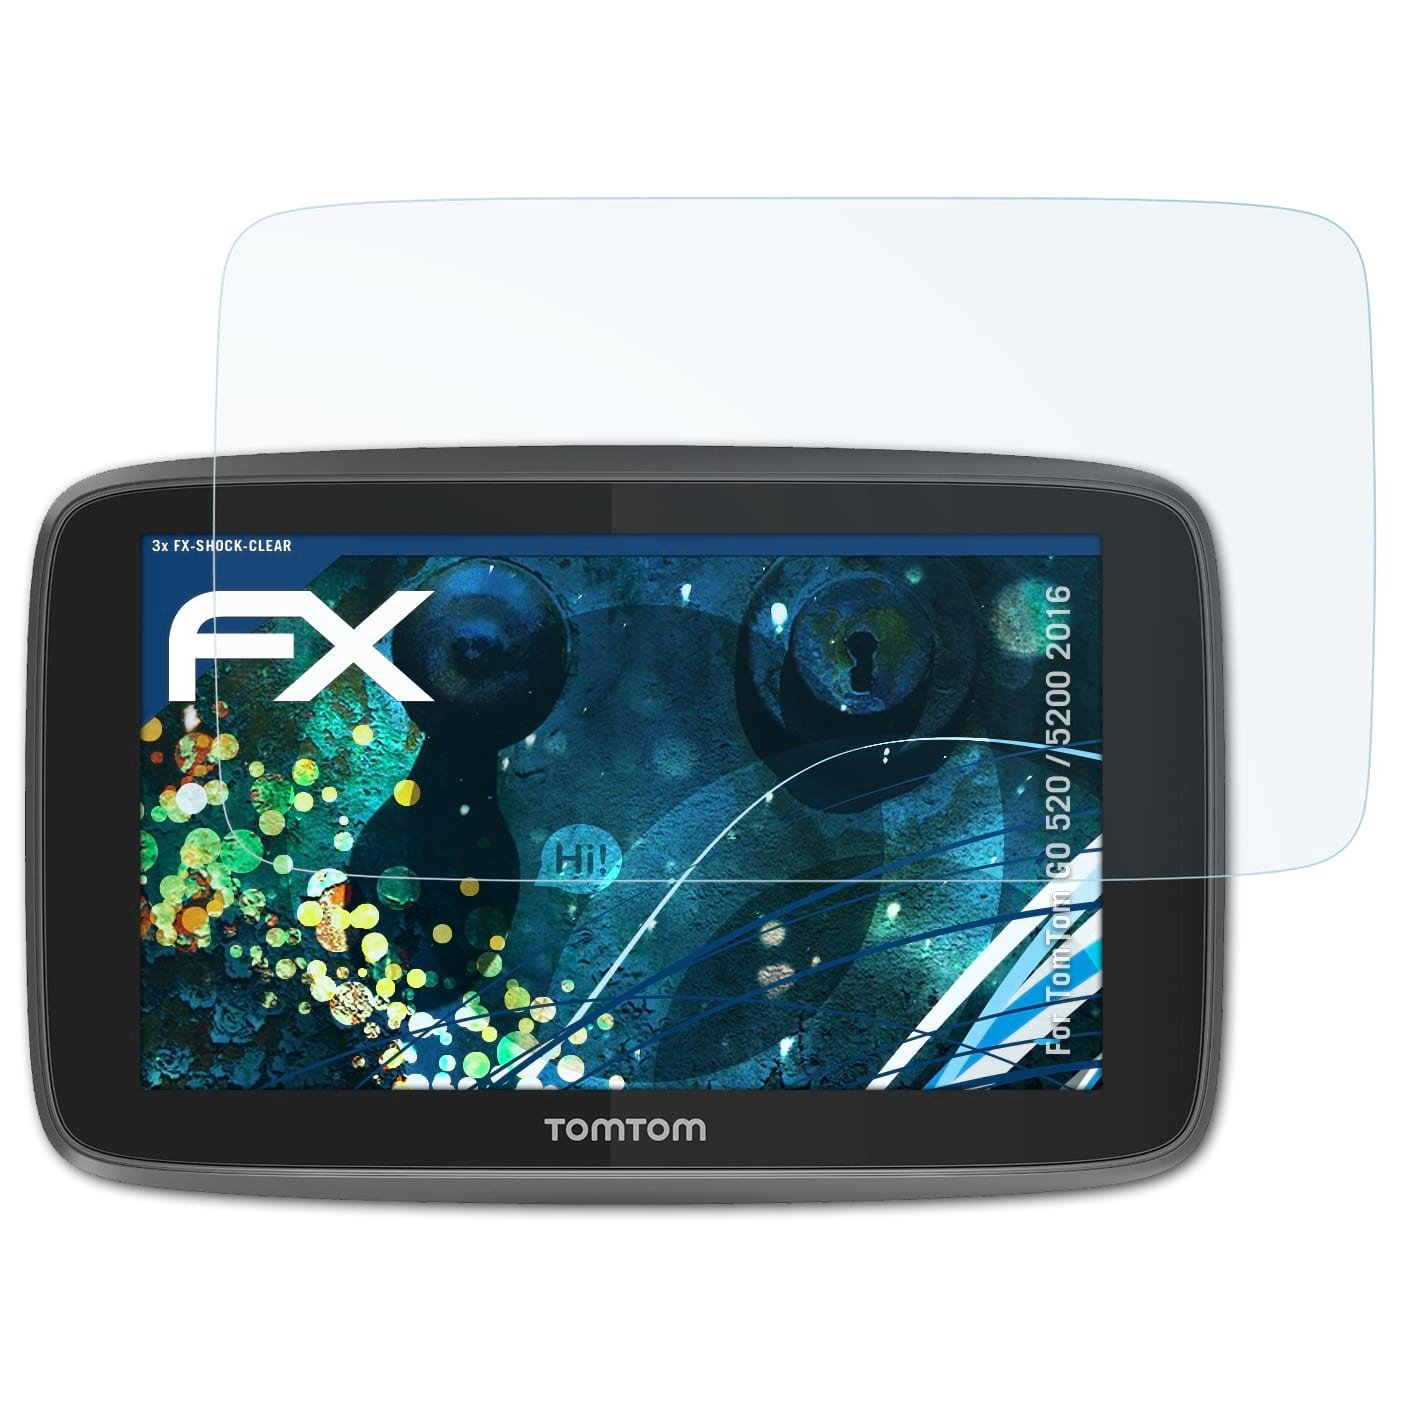 3X atFoliX Anti-Shock Pellicola protettiva per TomTom GO Essential 5 inch Pellicola Proteggi ultra chiara e che assorbe gli urti FX Pellicola Protettiva